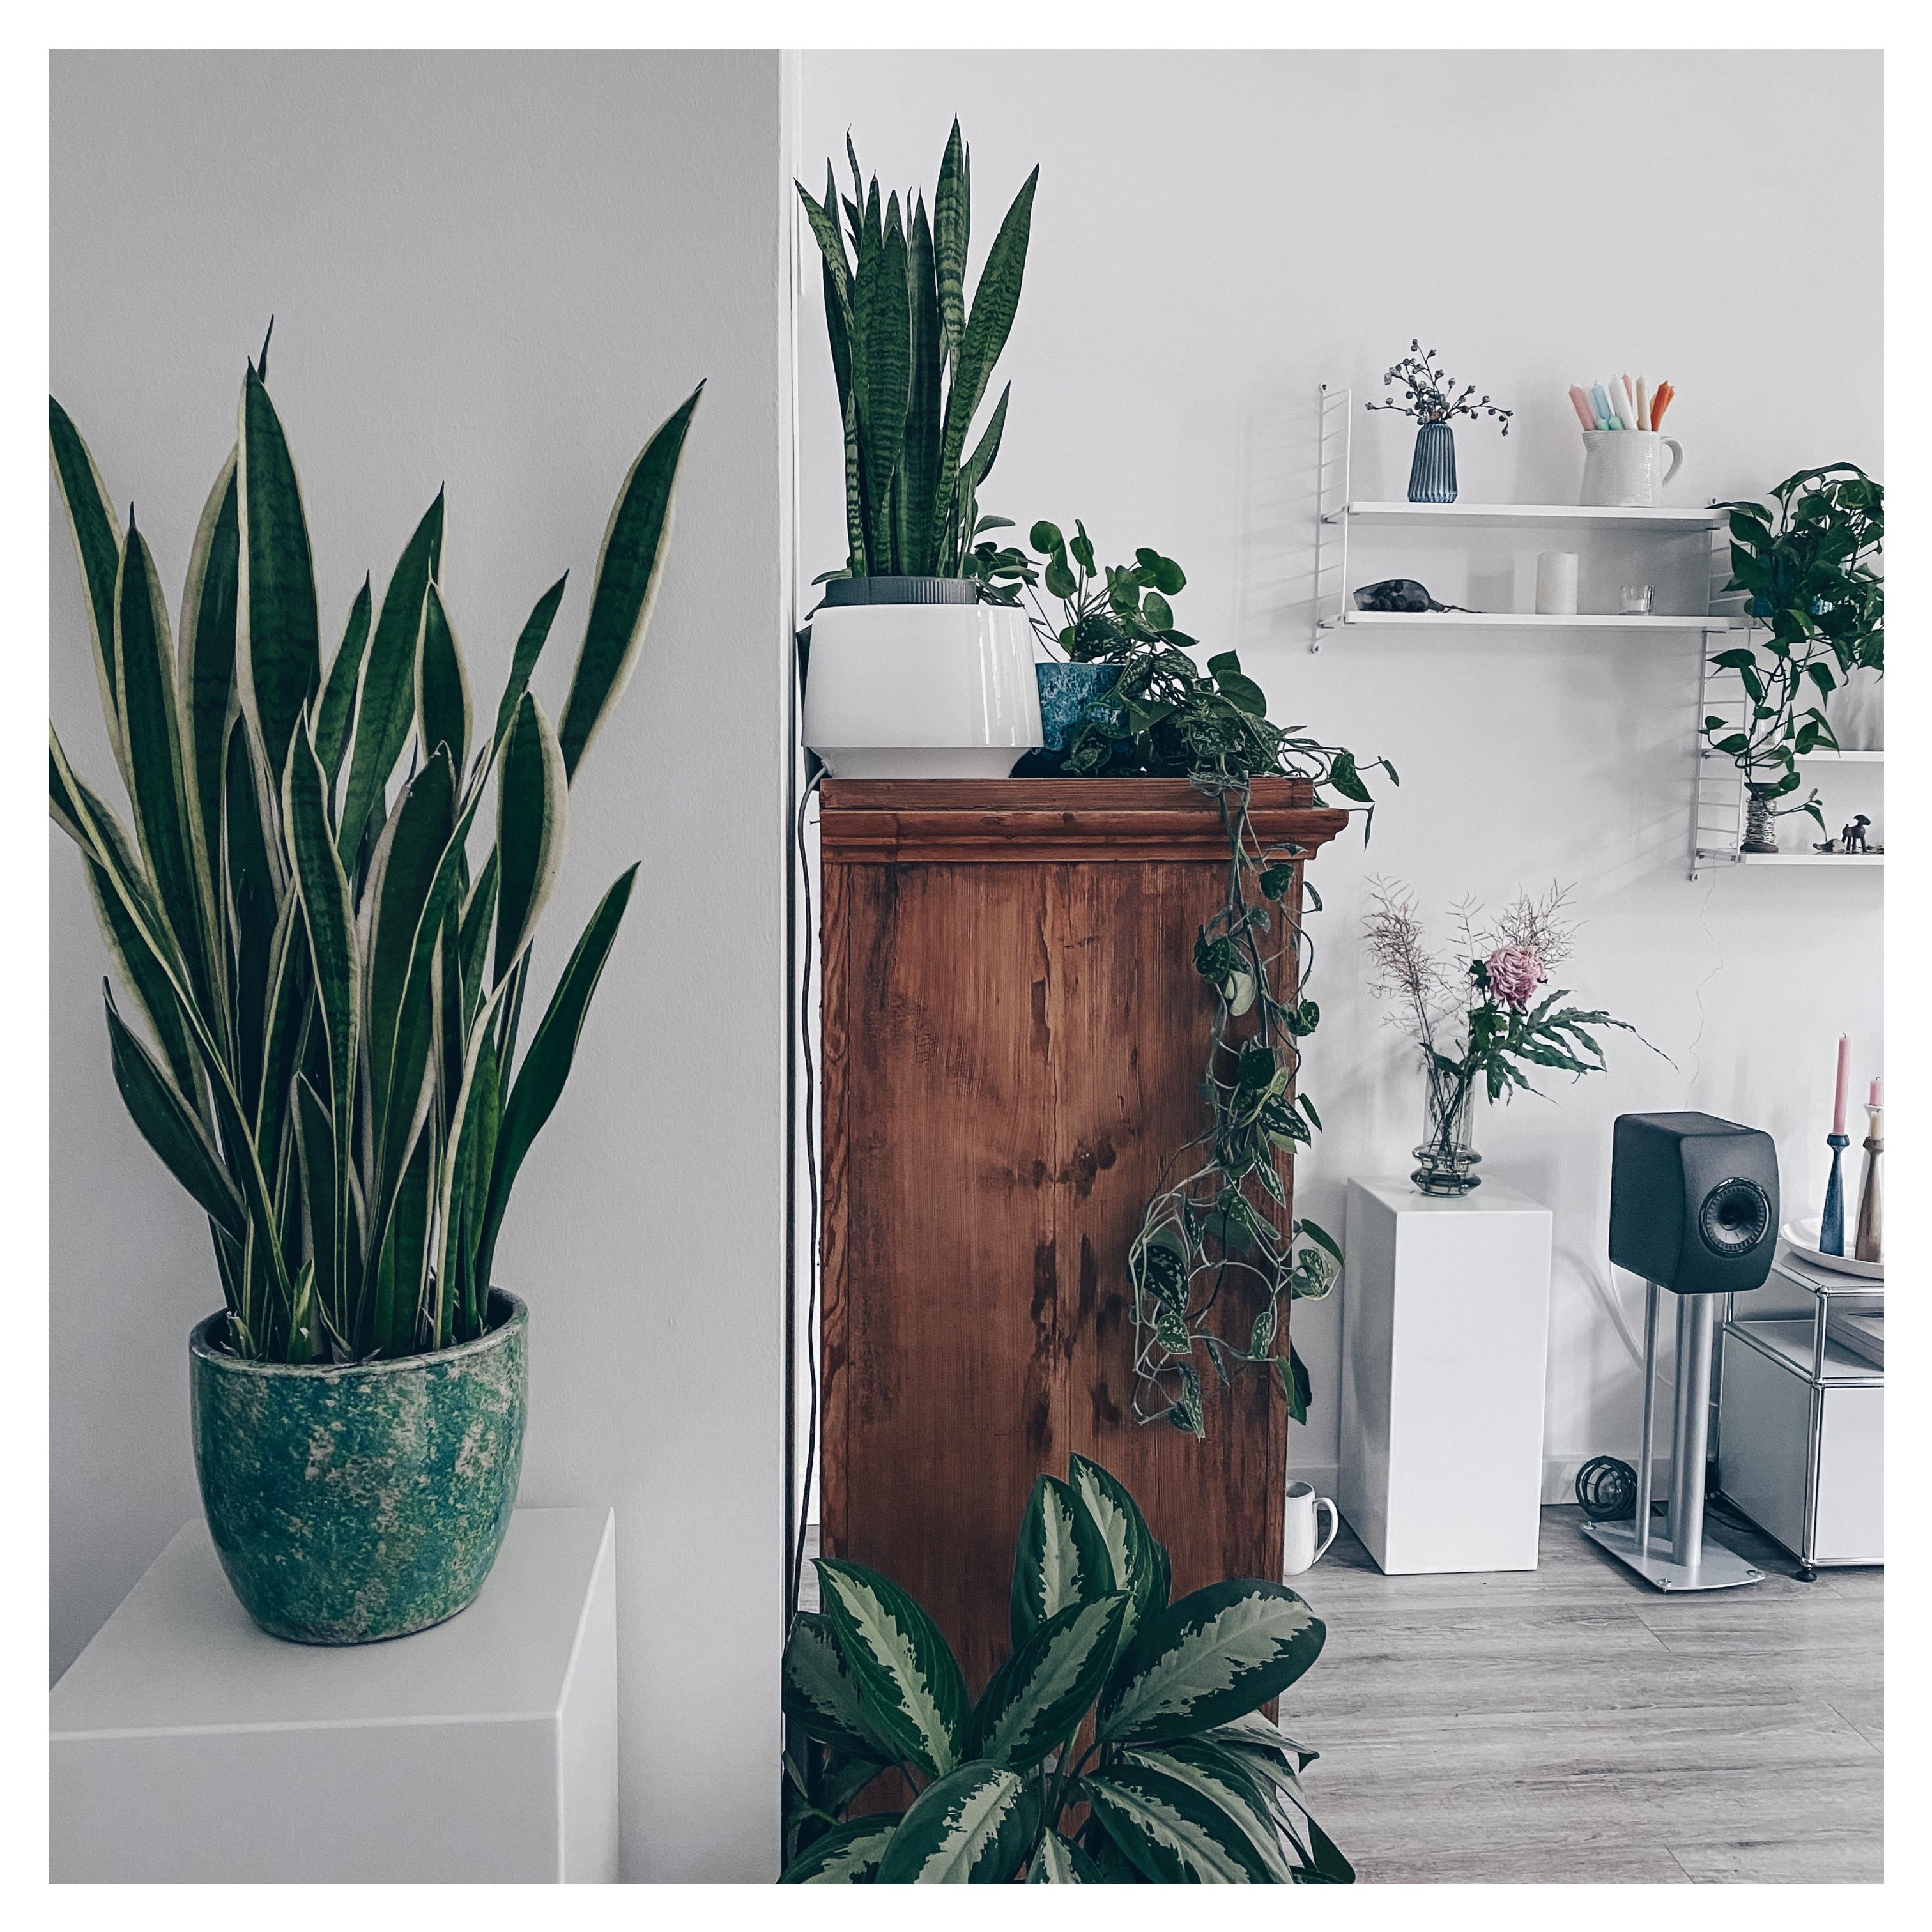 helles Wohnzimmer mit Zimmerpflanzen - Homestory: Neuanfang in der alten Tankstelle